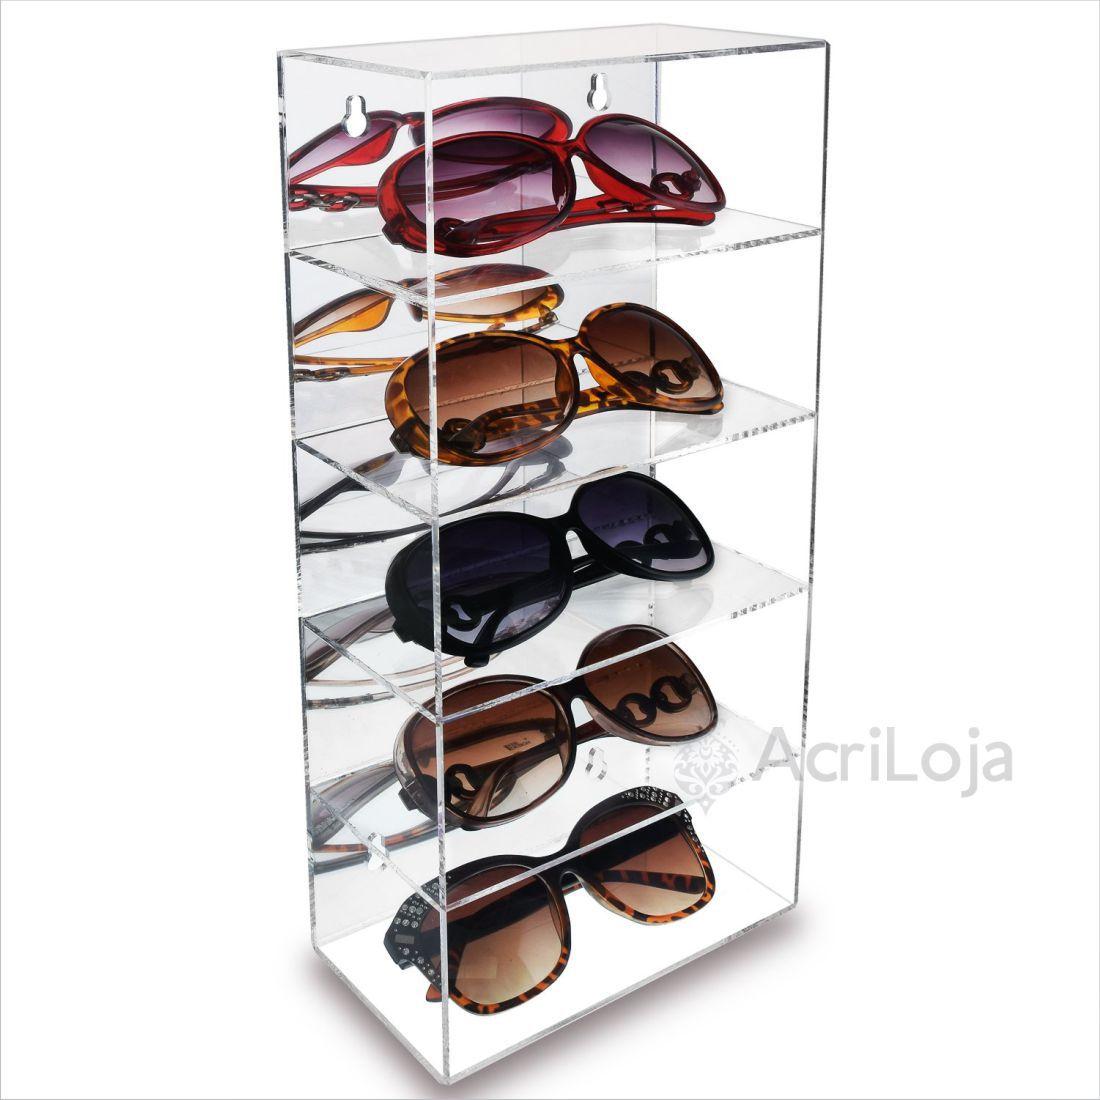 Expositor, Suporte de Oculos em Acrílico de Parede, Mesa e Bancada para Oticas e Relojoarias